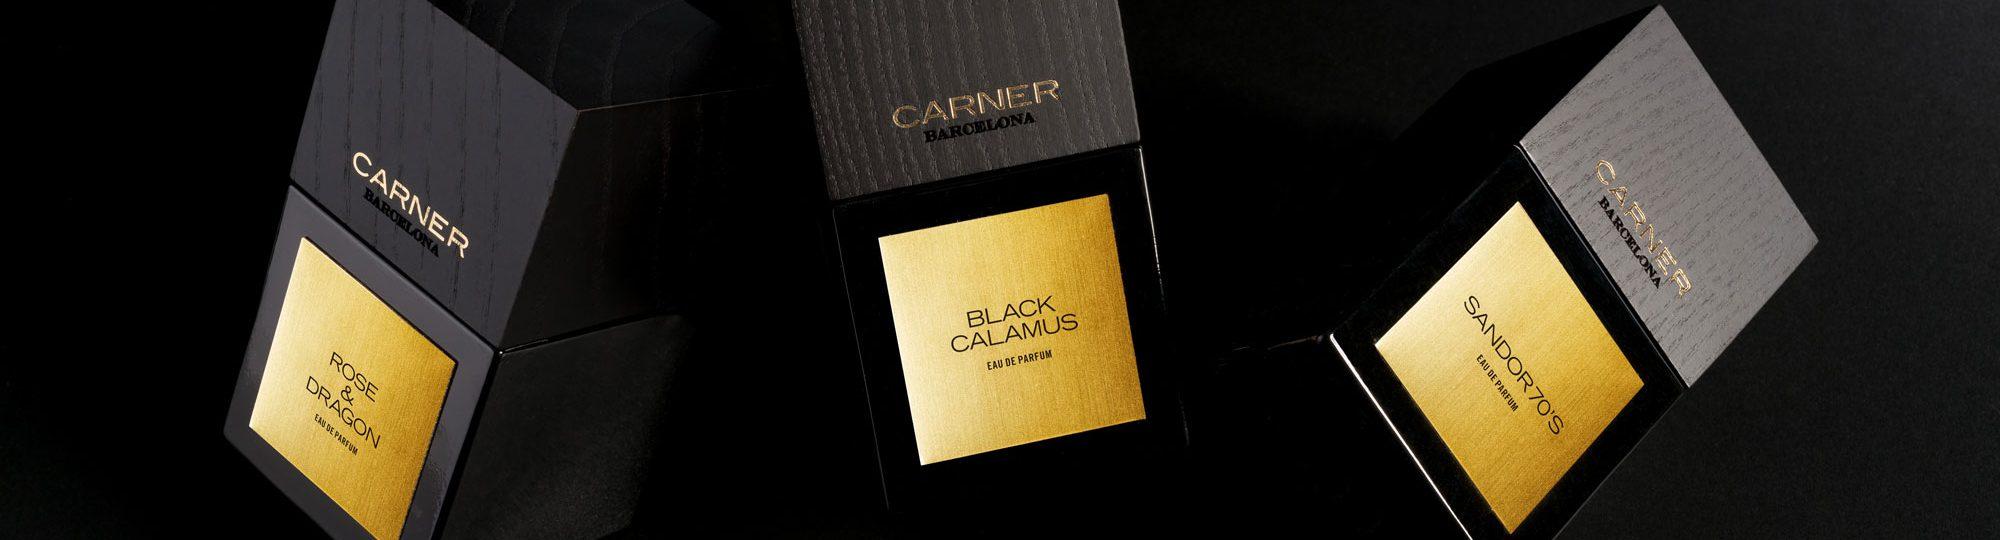 carner_barcelona_black_collection-13